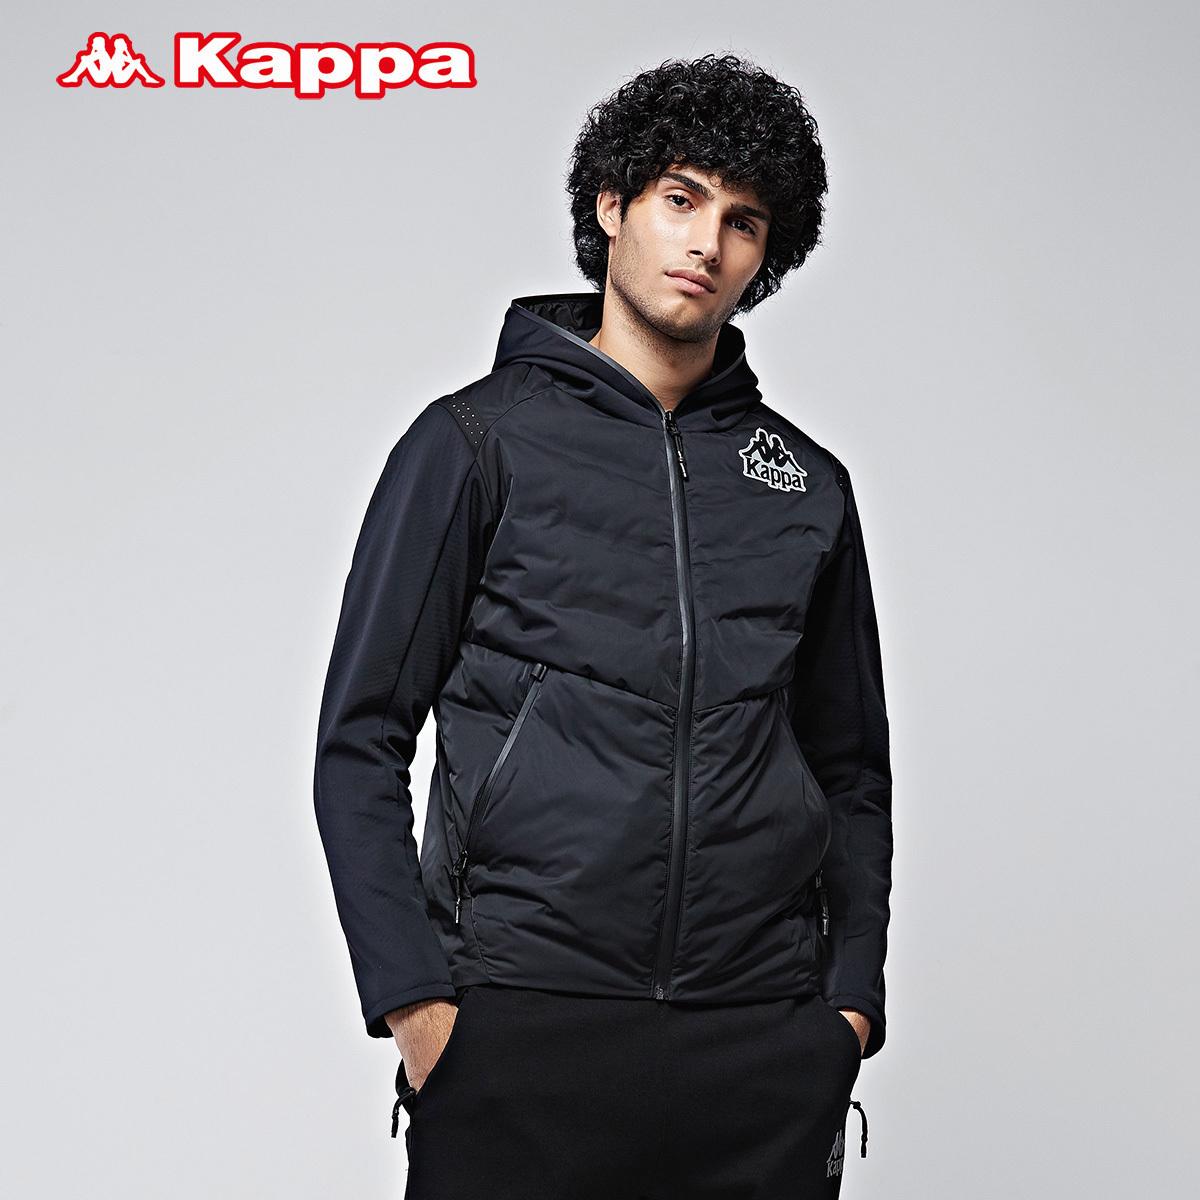 Kappa男款羽绒服 卡帕运动保暖 加厚连帽外套男冬季新款K0752YY32